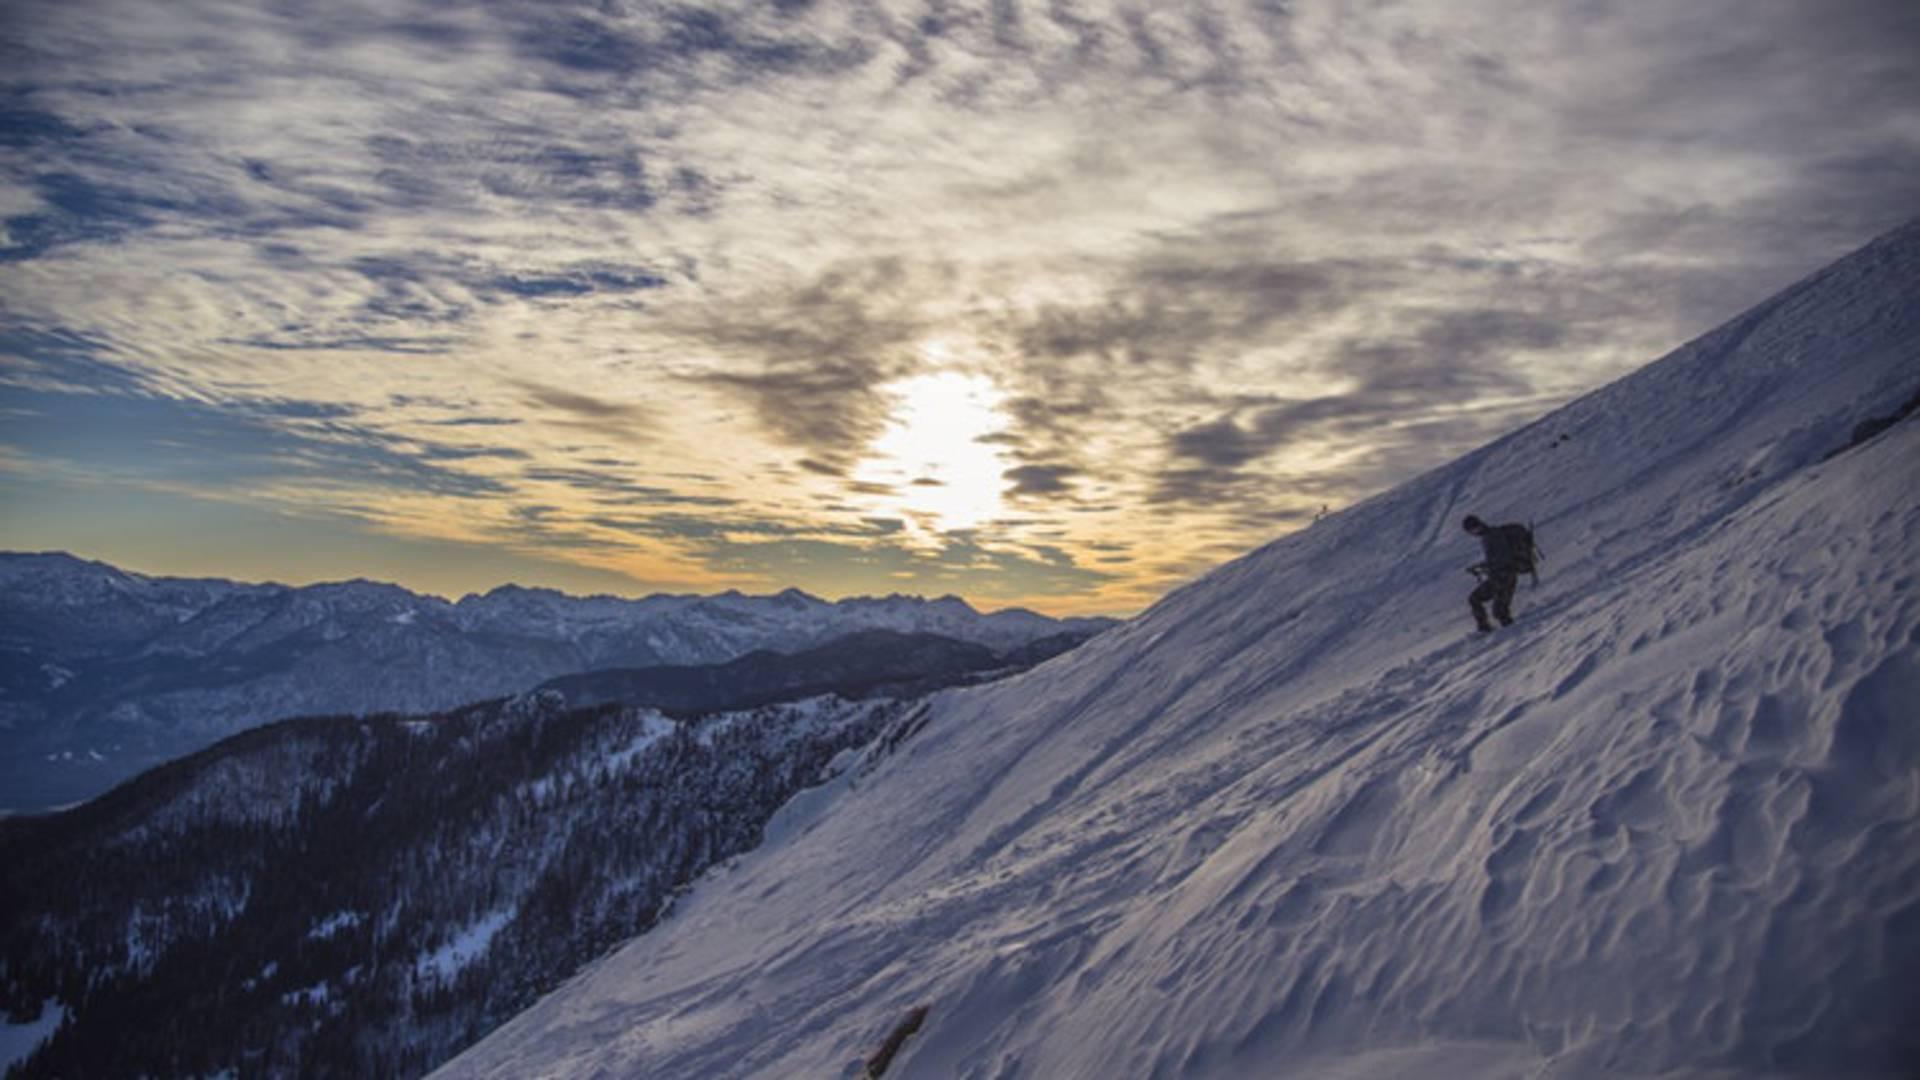 Vosges en hiver - Route des Crêtes en hiver - Randonnée Vosges hiver